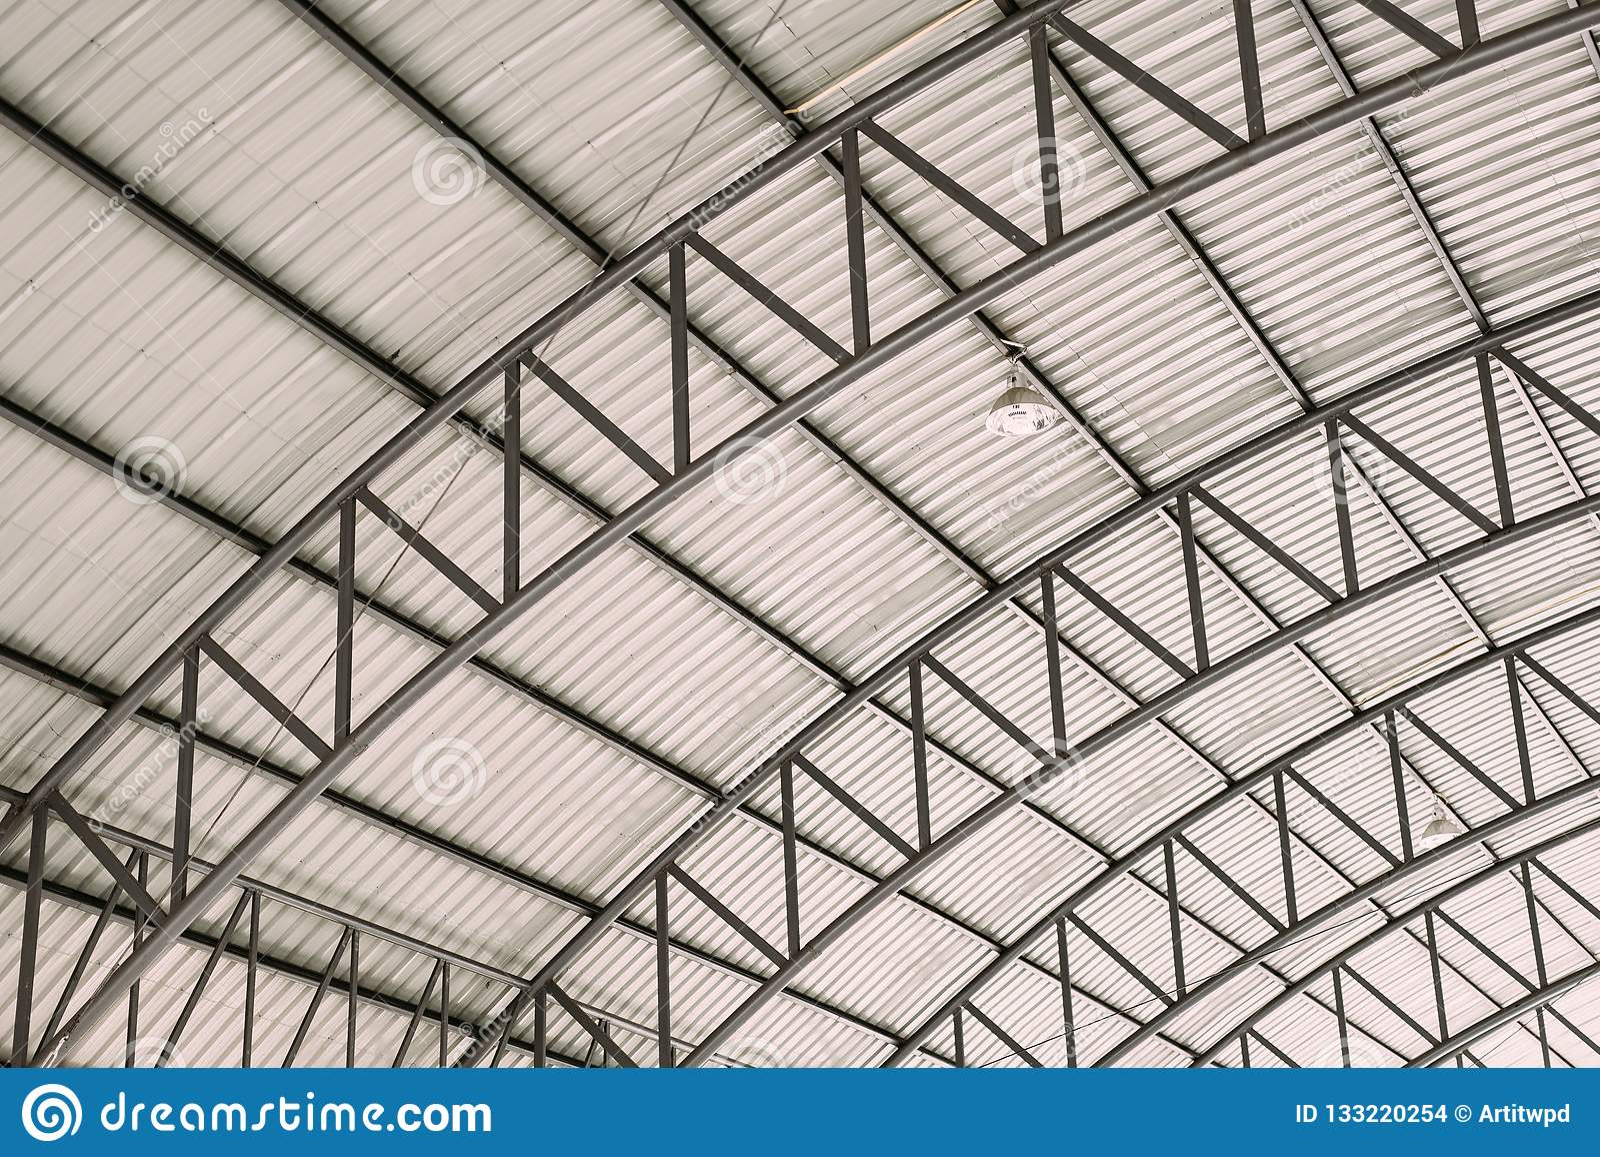 Картина стальных рамок крыши, структуры дизайна крыши кривой стальной с гальванизированным рифленым листом настилая крышу плитки